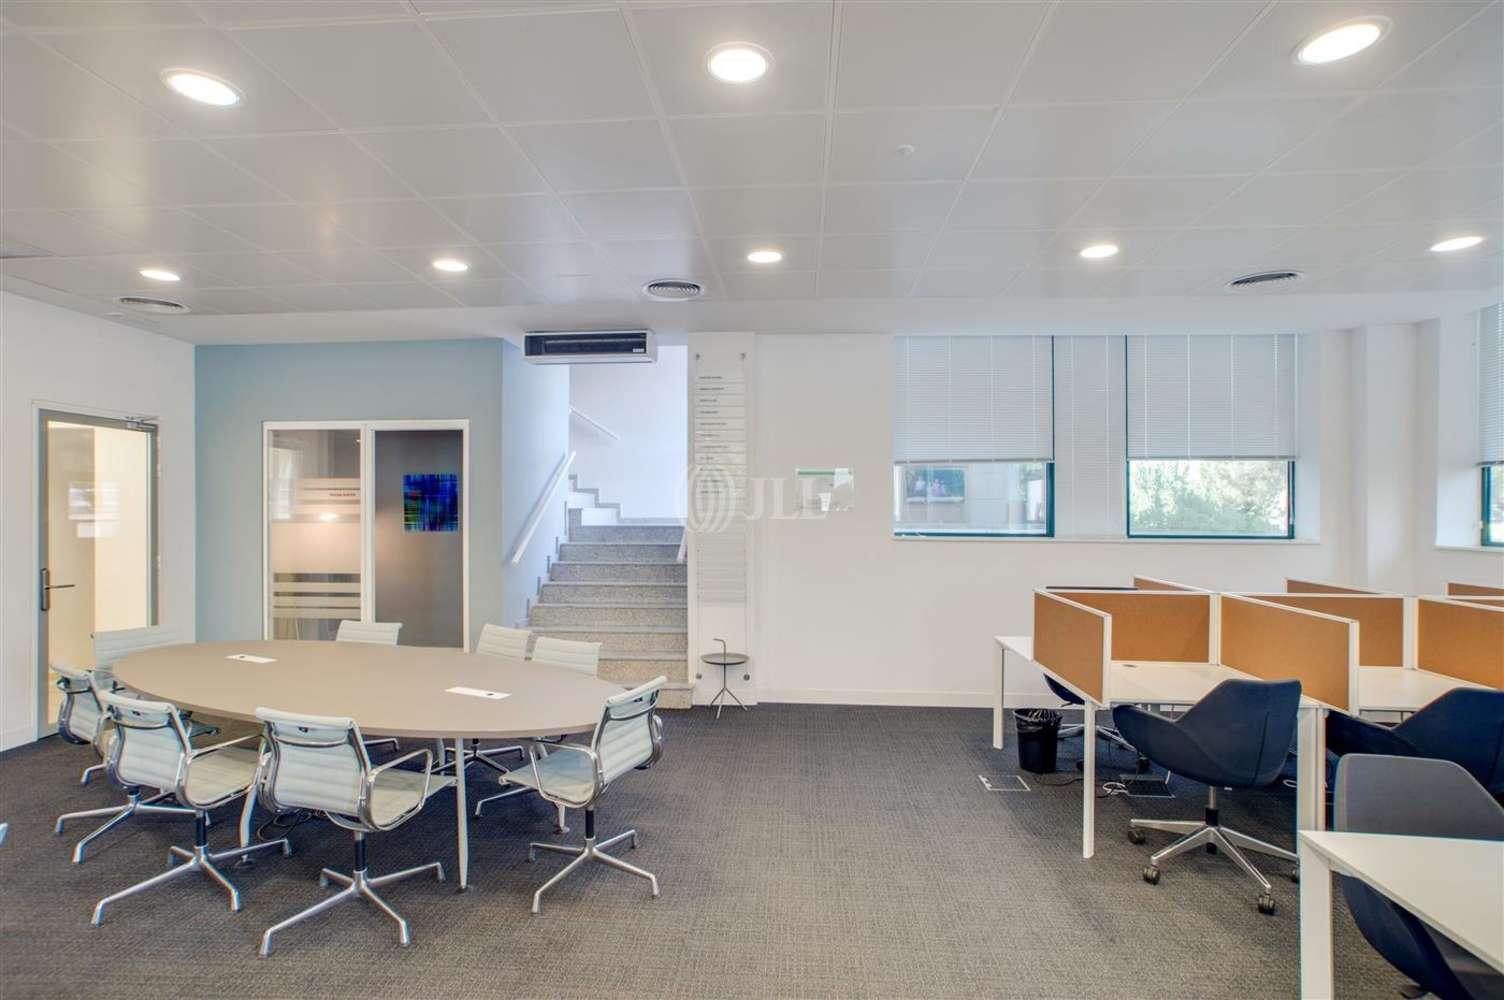 Oficina El prat de llobregat, 08820 - Coworking - BARCELONA MAS BLAU - 20442